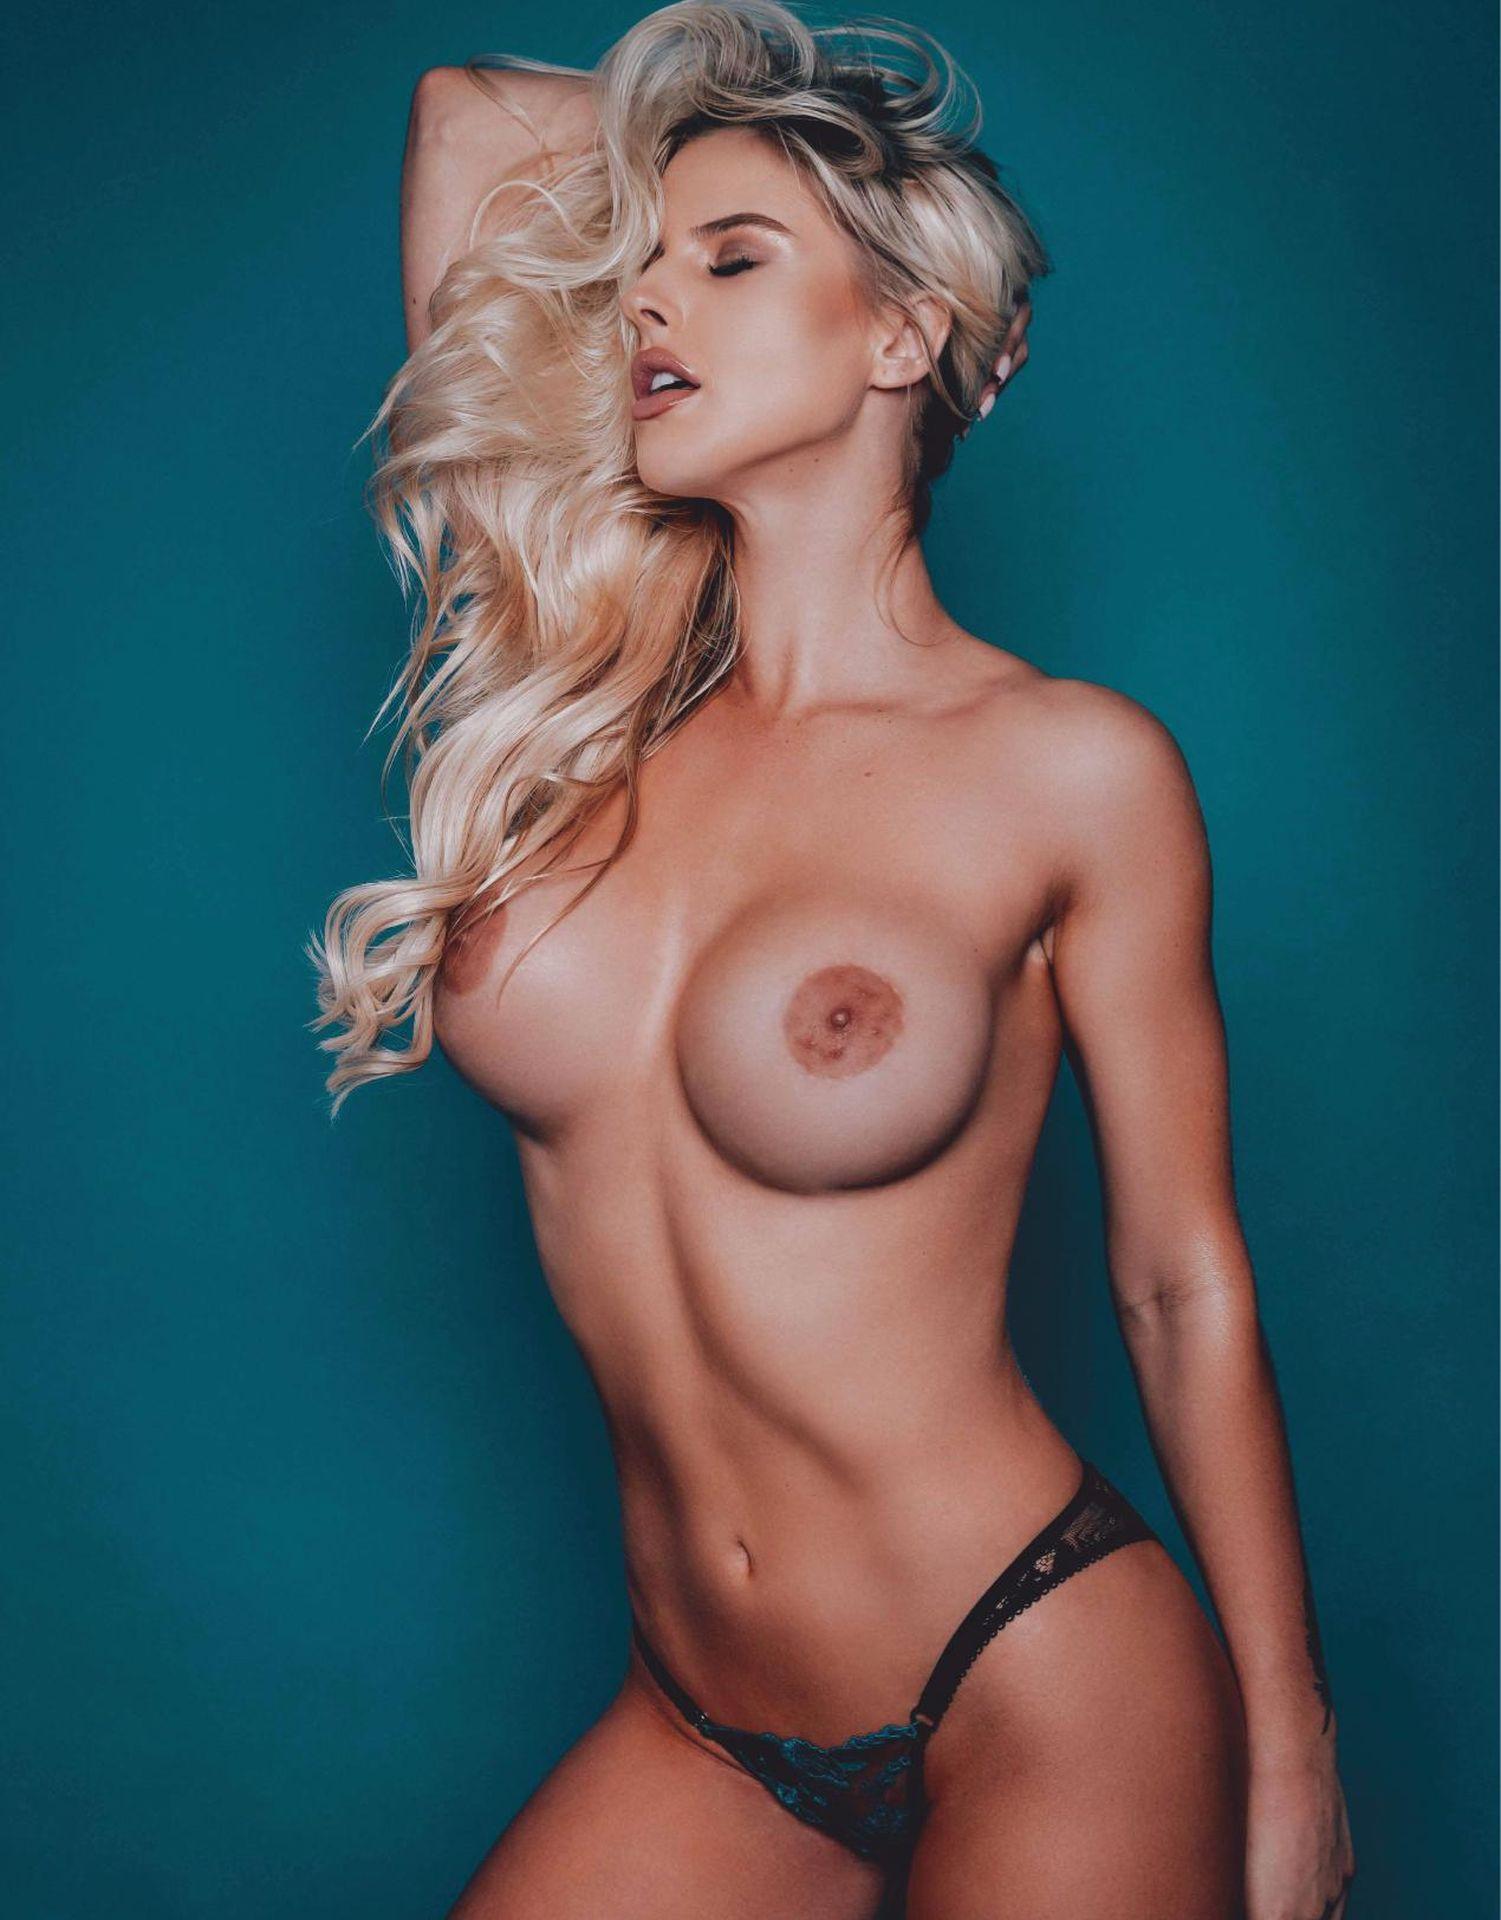 brennah black porn